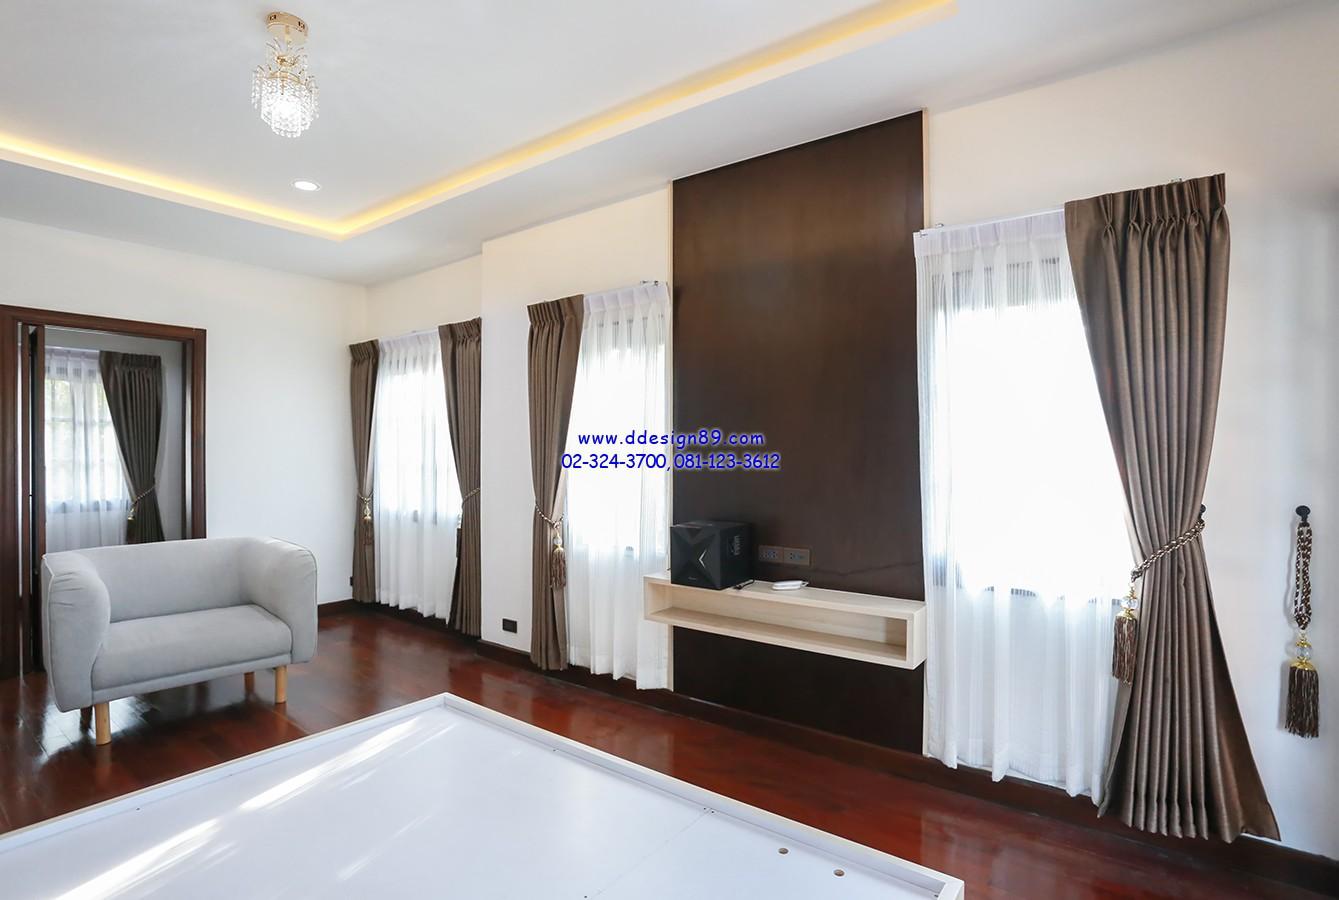 ม่านติดในห้องนอน ลดความอึดอัดของบ้านพื้นไม้สีเข้ม ด้วยผ้าโปร่งสีขาวนวล สบายตา